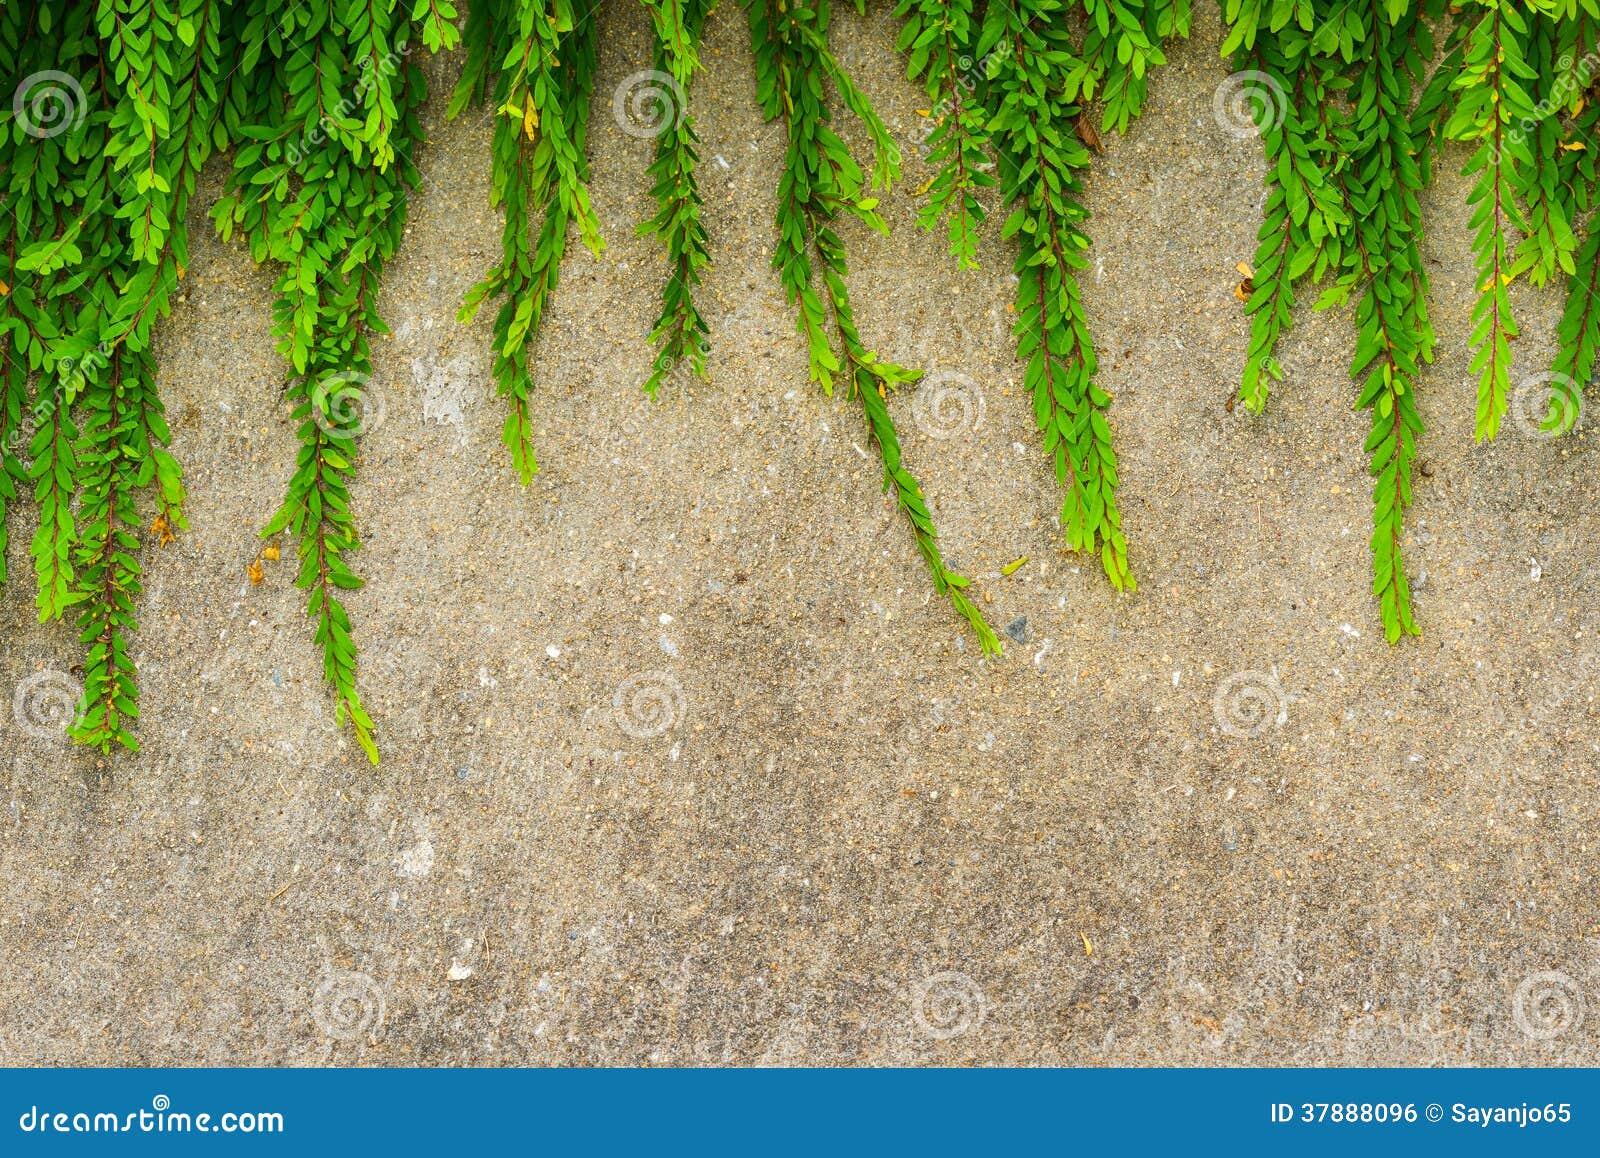 难看的东西墙壁背景的新鲜的绿色叶子植物